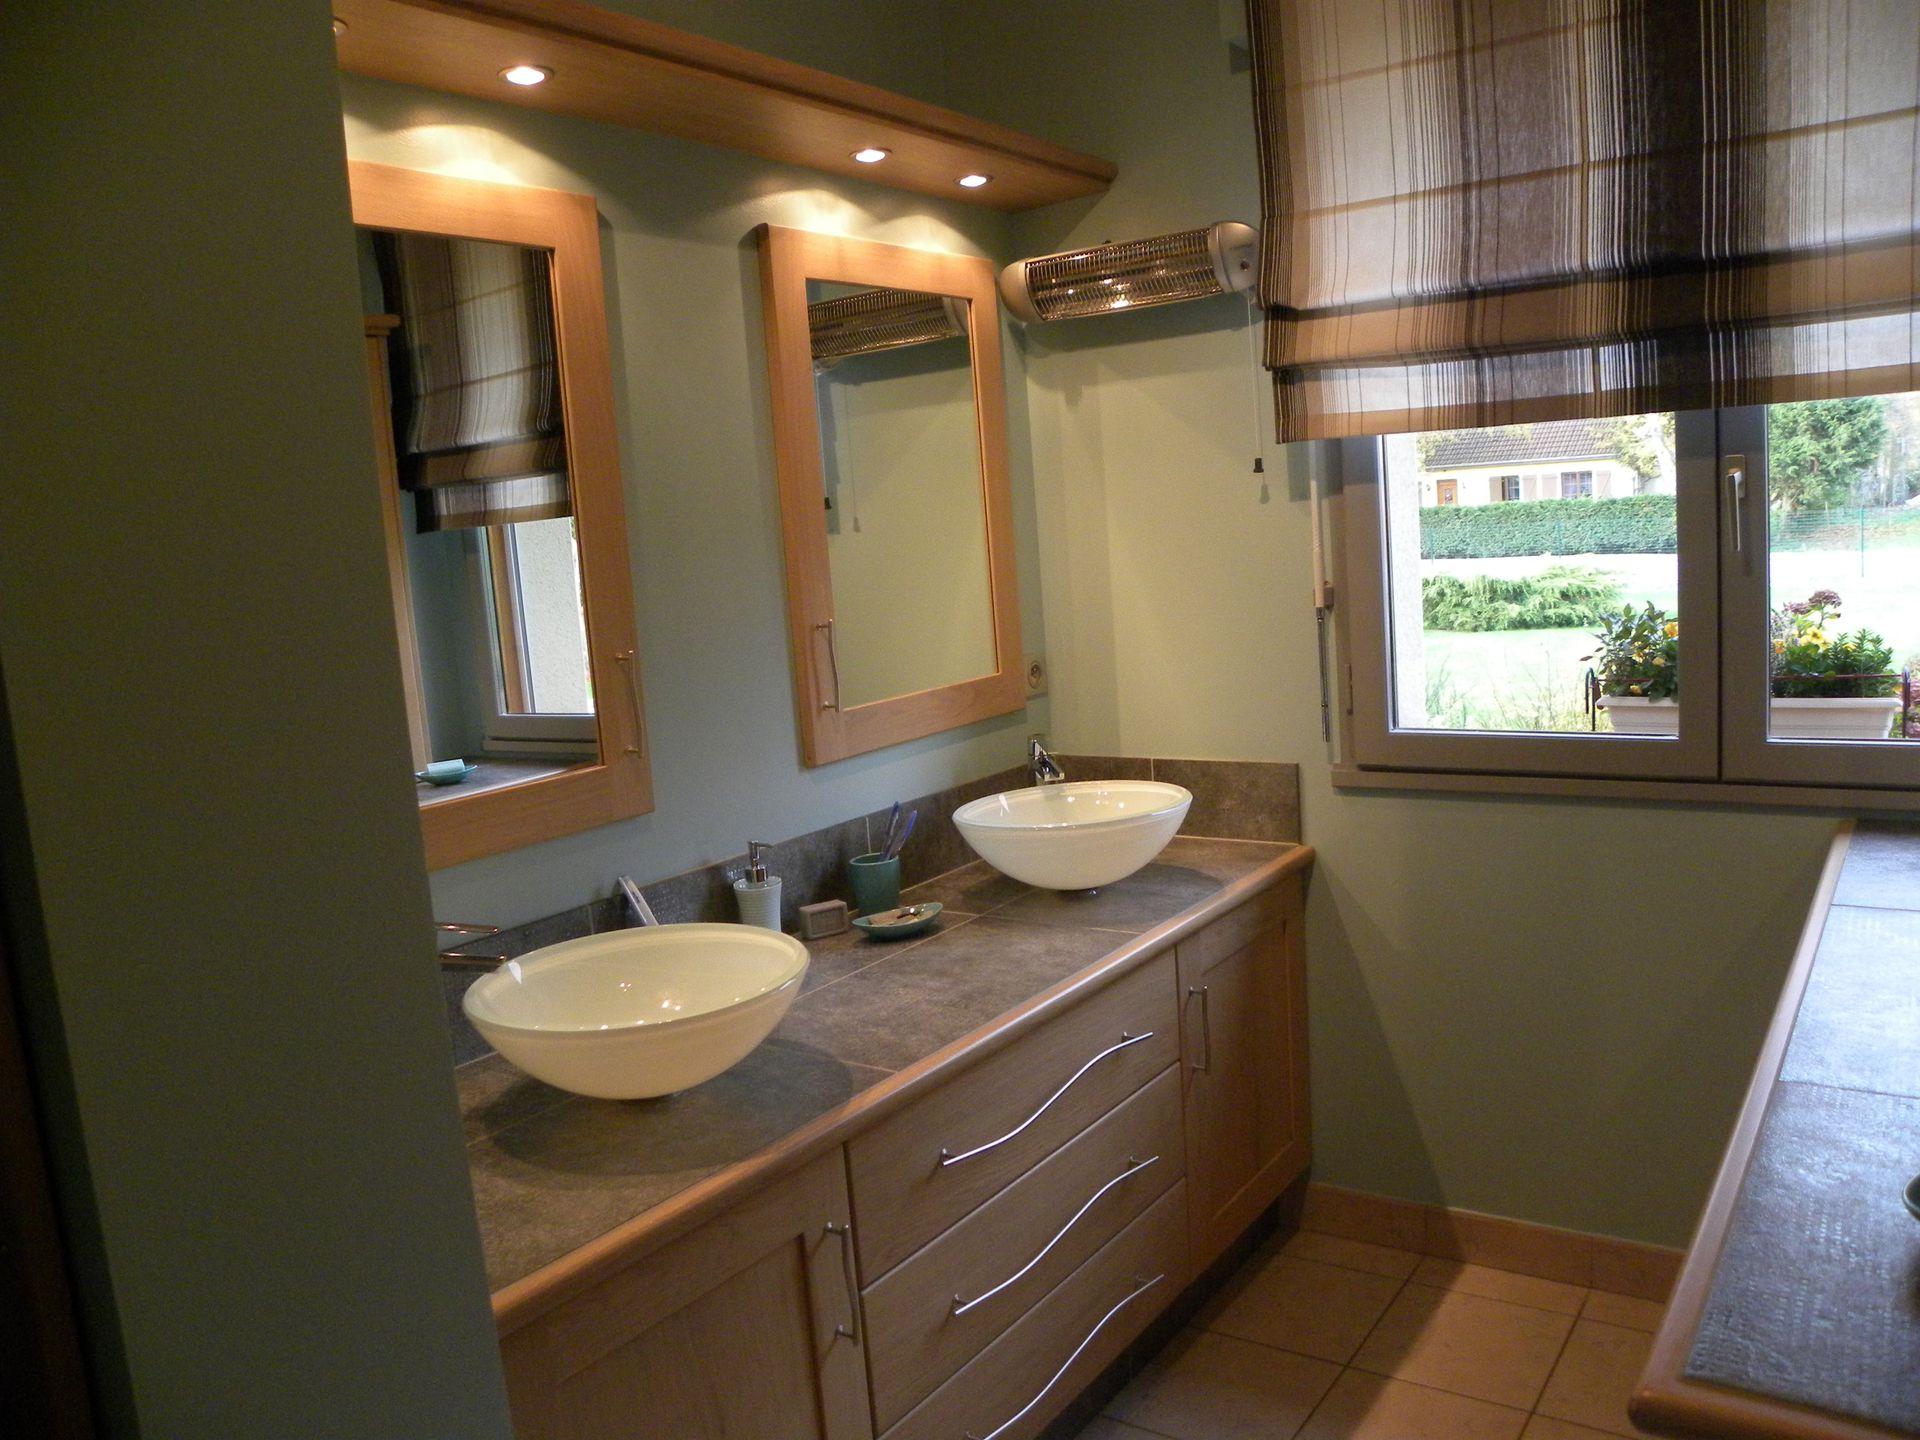 Salle de bains contemporaine bois gilles martel for Photo salle de bain contemporaine